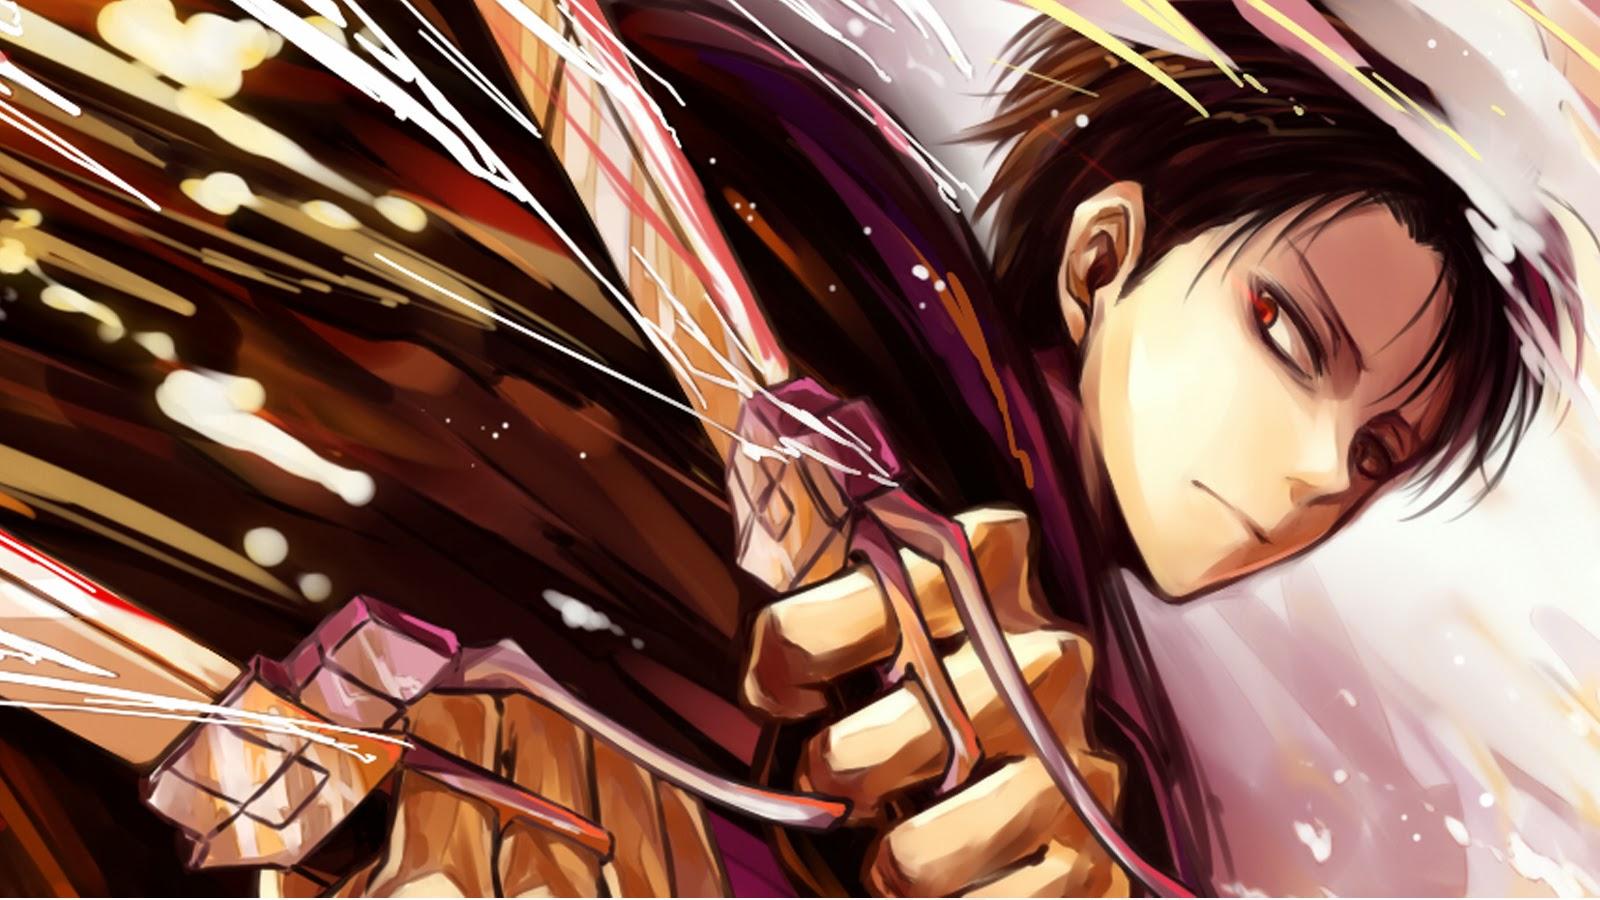 Attack on Titan Levi Anime Picture 9l Wallpaper HD 1600x900